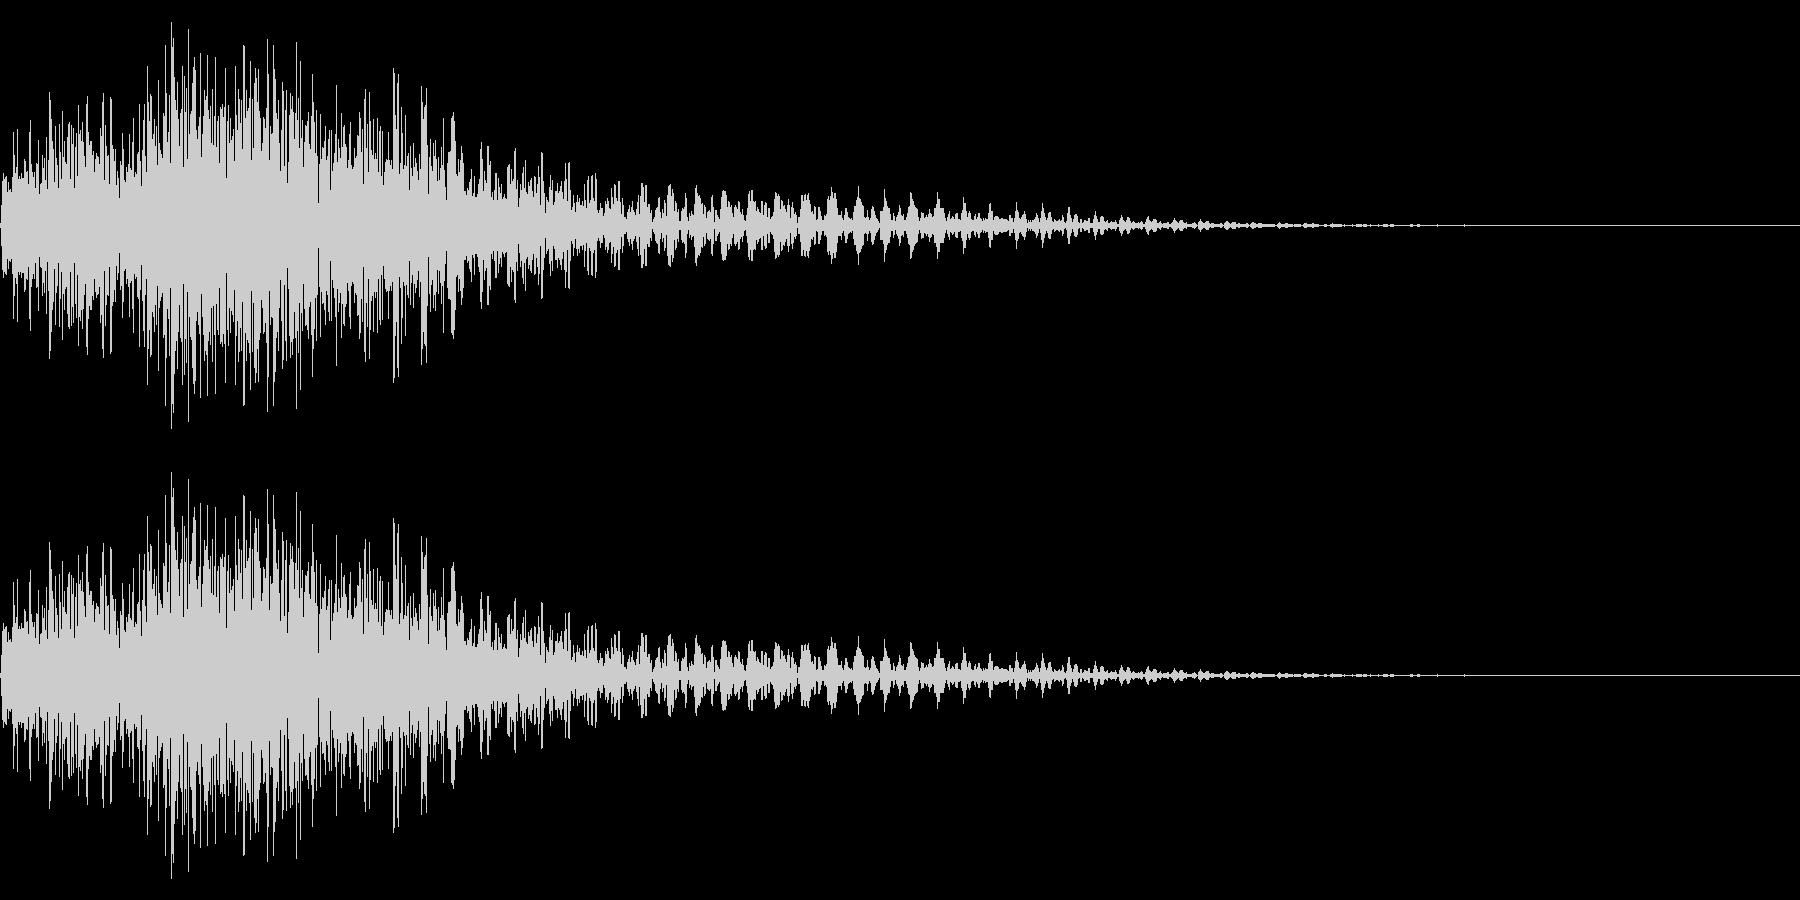 衝撃音(ギャン/ギュワン)の未再生の波形